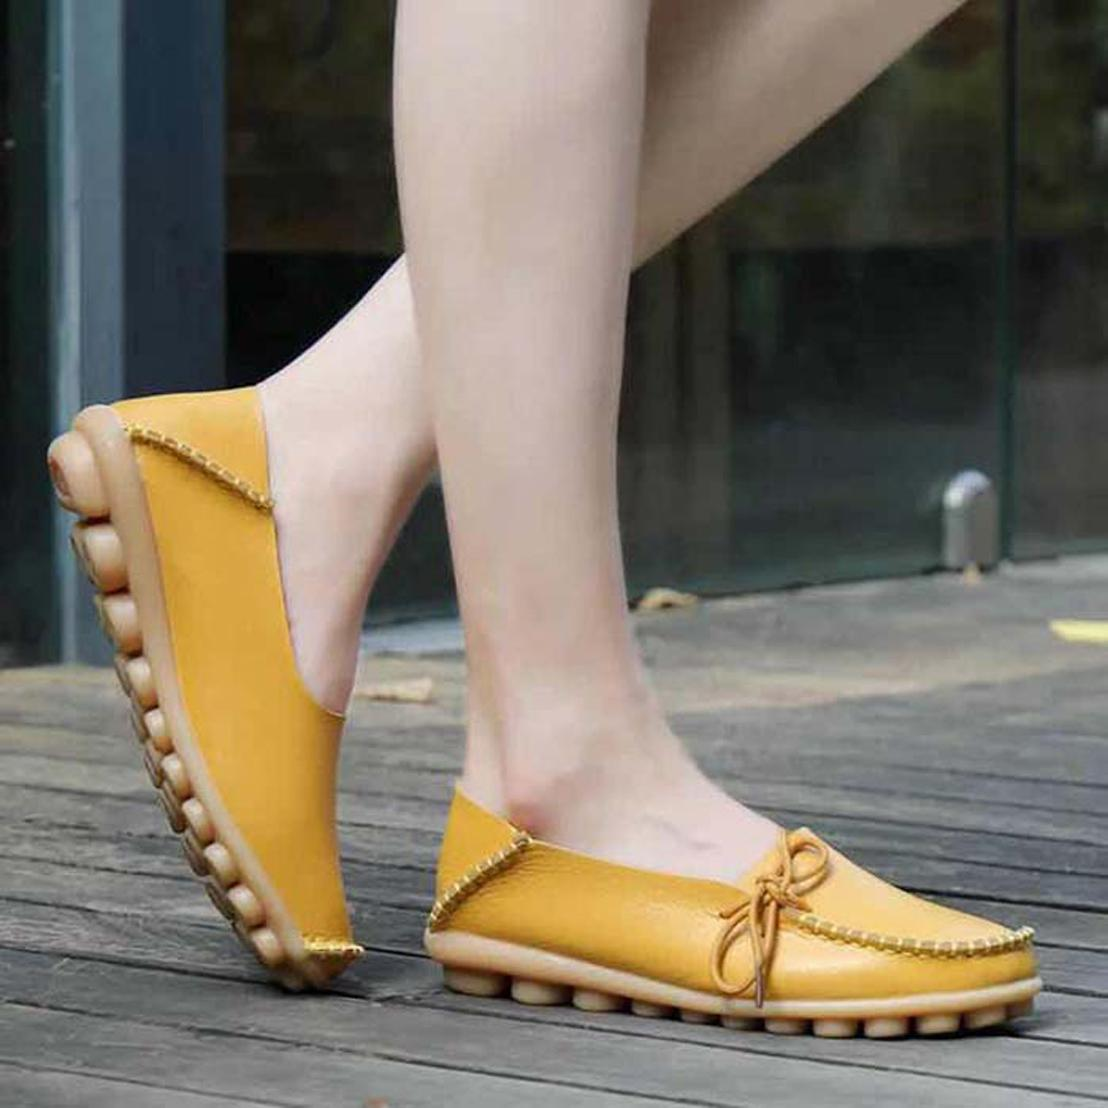 Mit Box Frau Pantoffel Schuh Sandalen aus echtem Leder-Qualitäts-Hausschuh Mode Scuffs Hausschuhe Freizeitschuhe freien DHL-02PX970